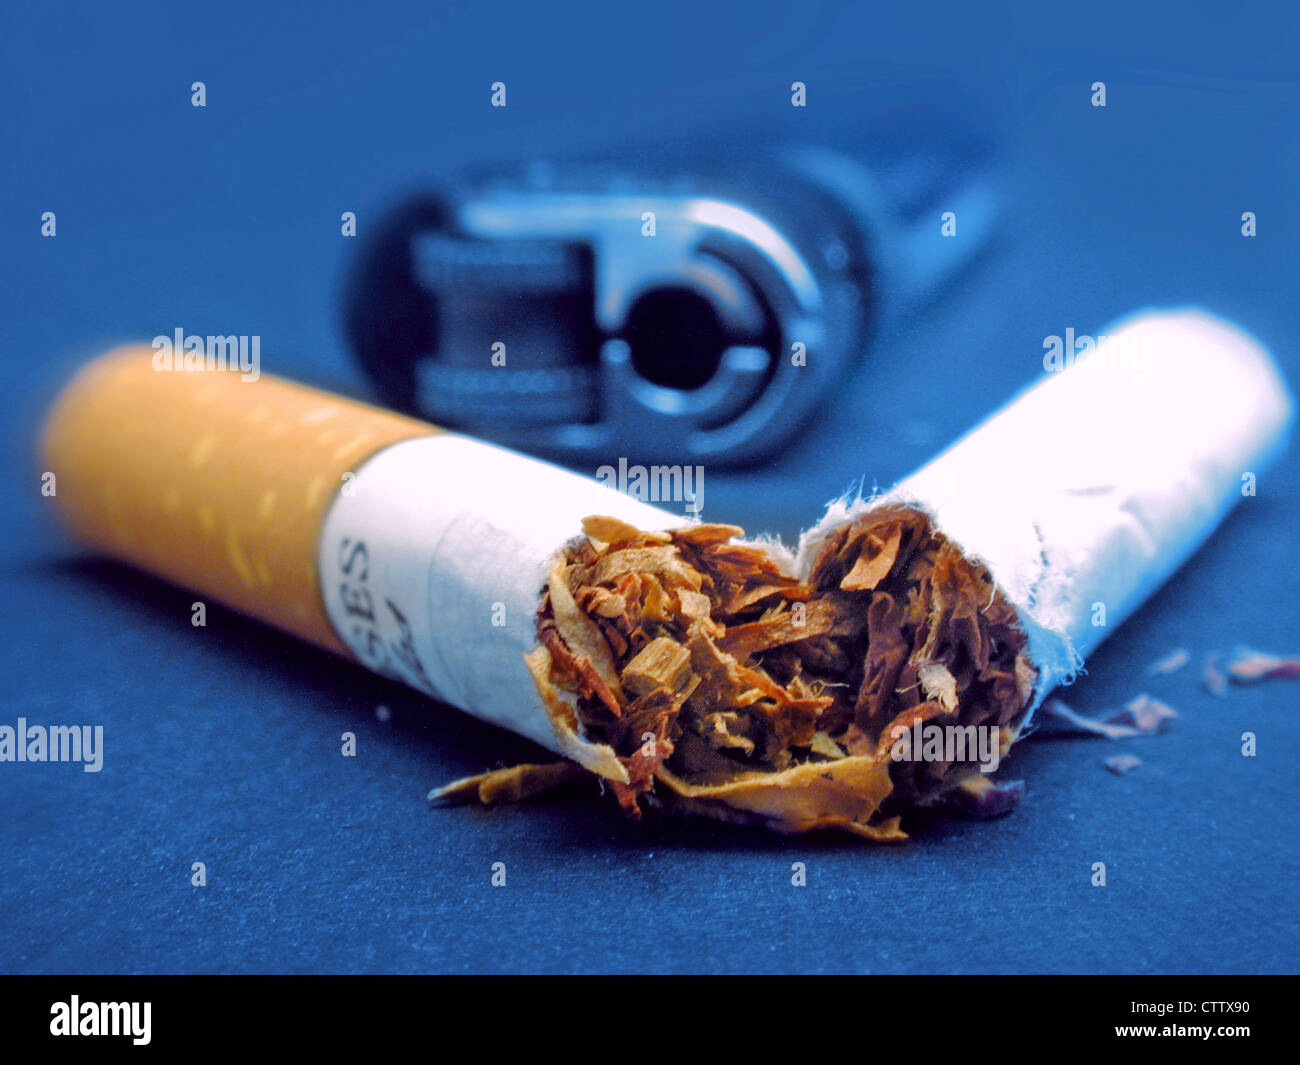 zerbrochene Zigarette - Stock Image